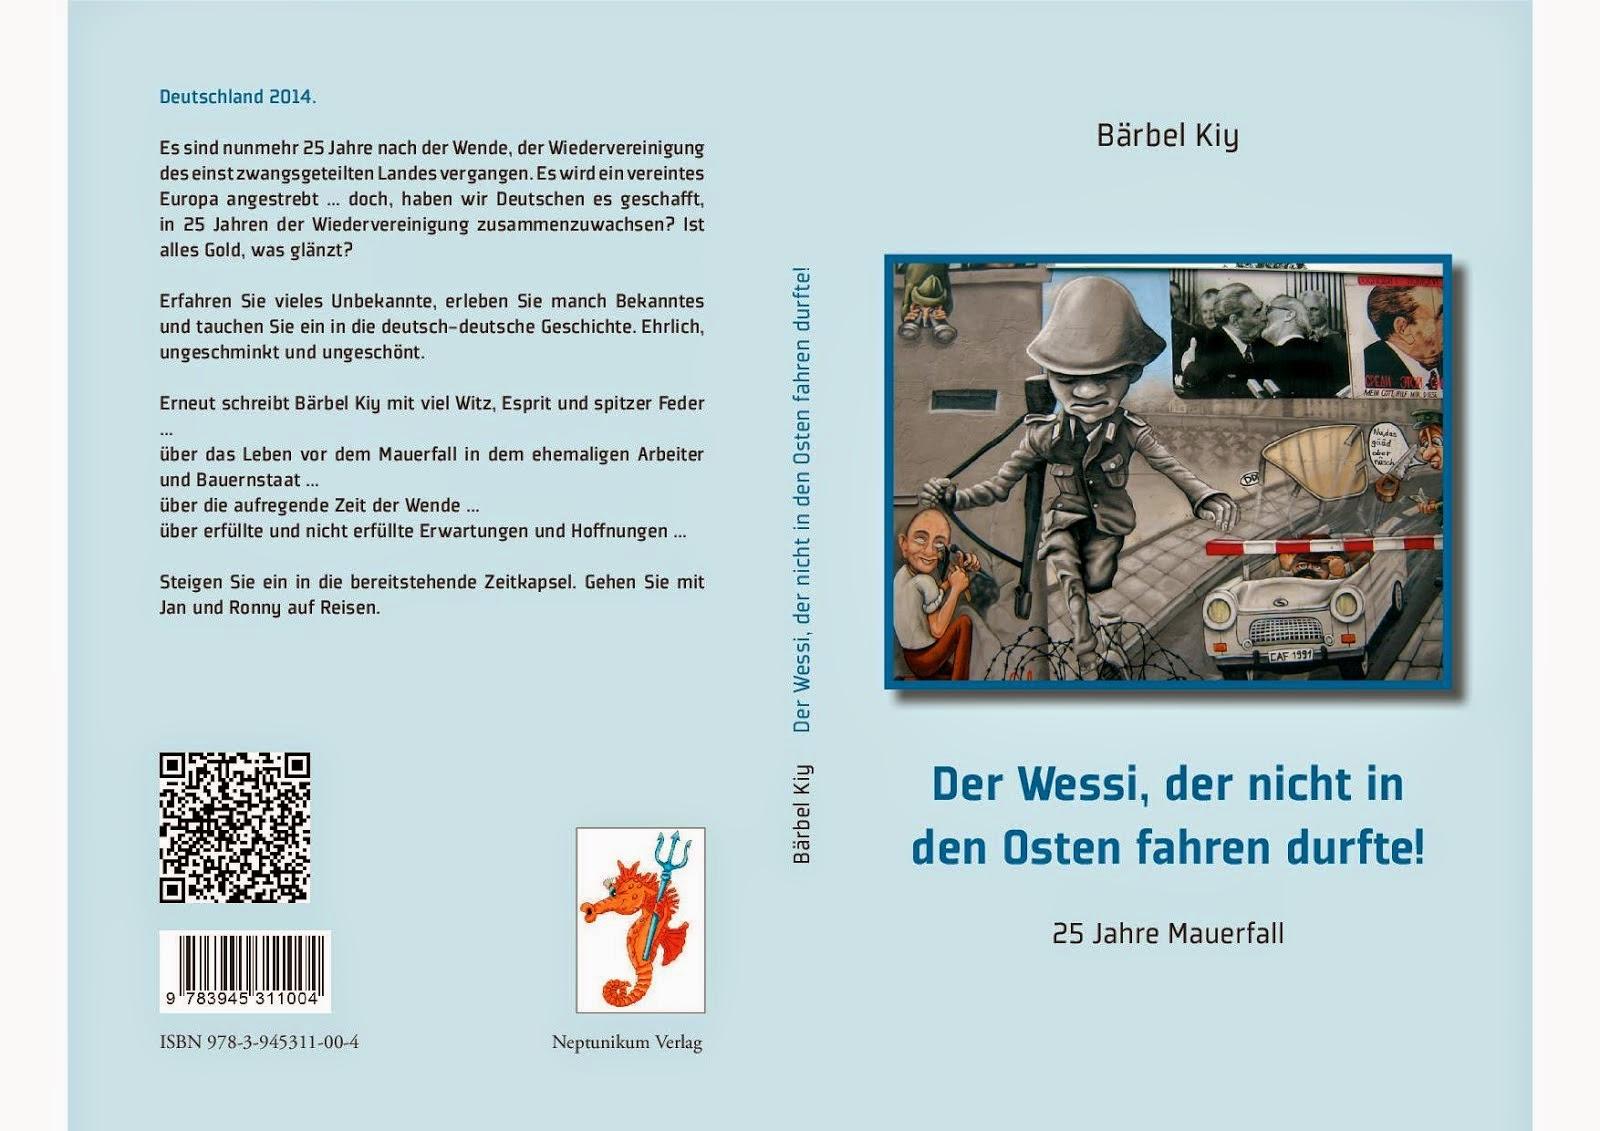 Ein Klick und 1, 2, buy *Der Wessi, der nicht in den Osten fahren durfte!